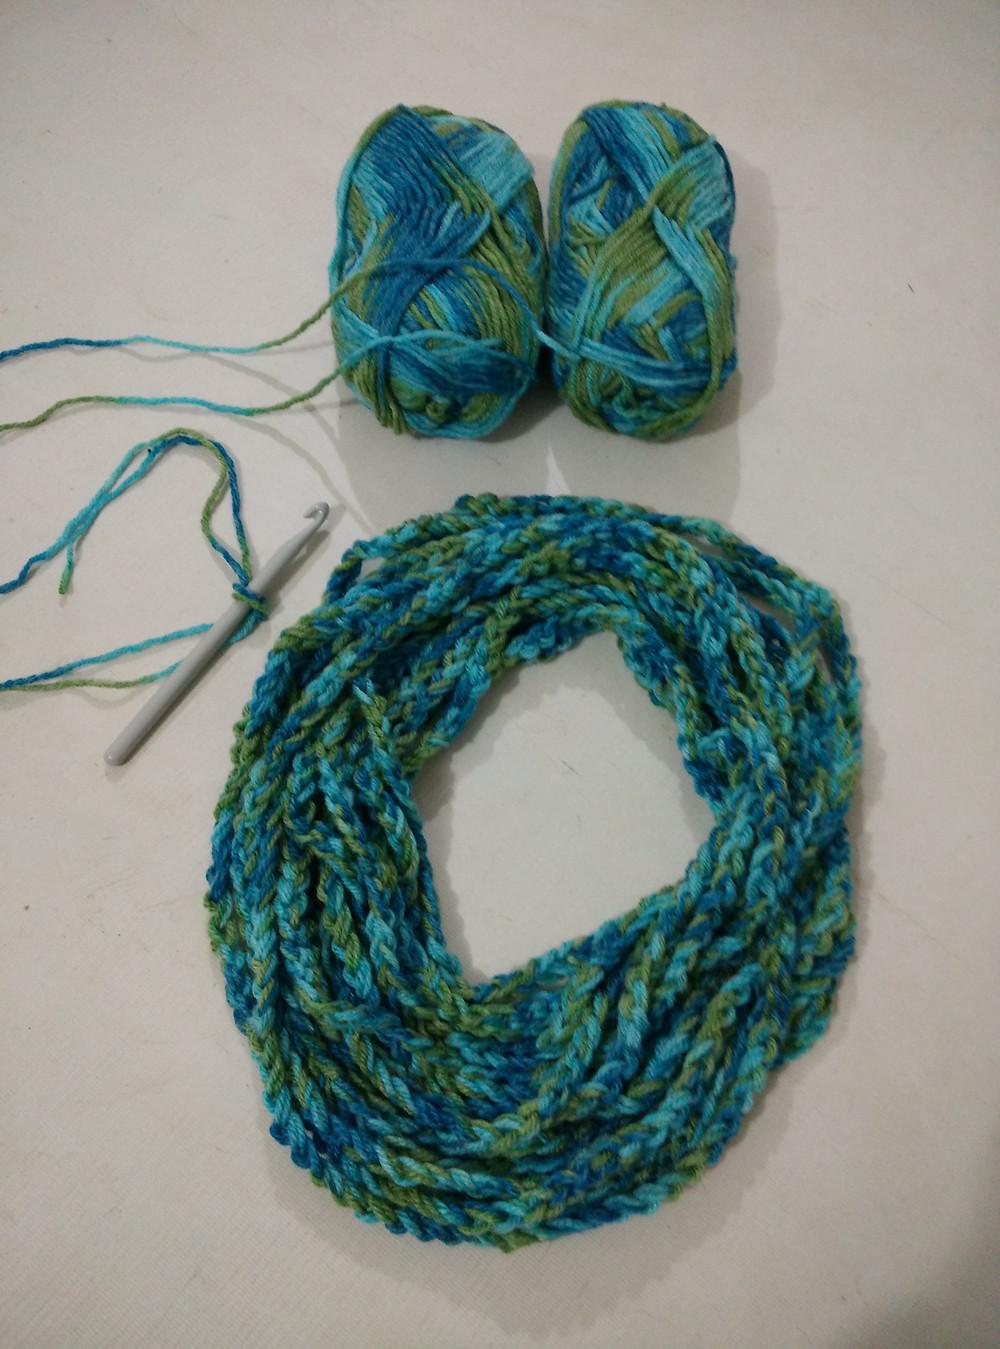 Chain stitch infinity scarf